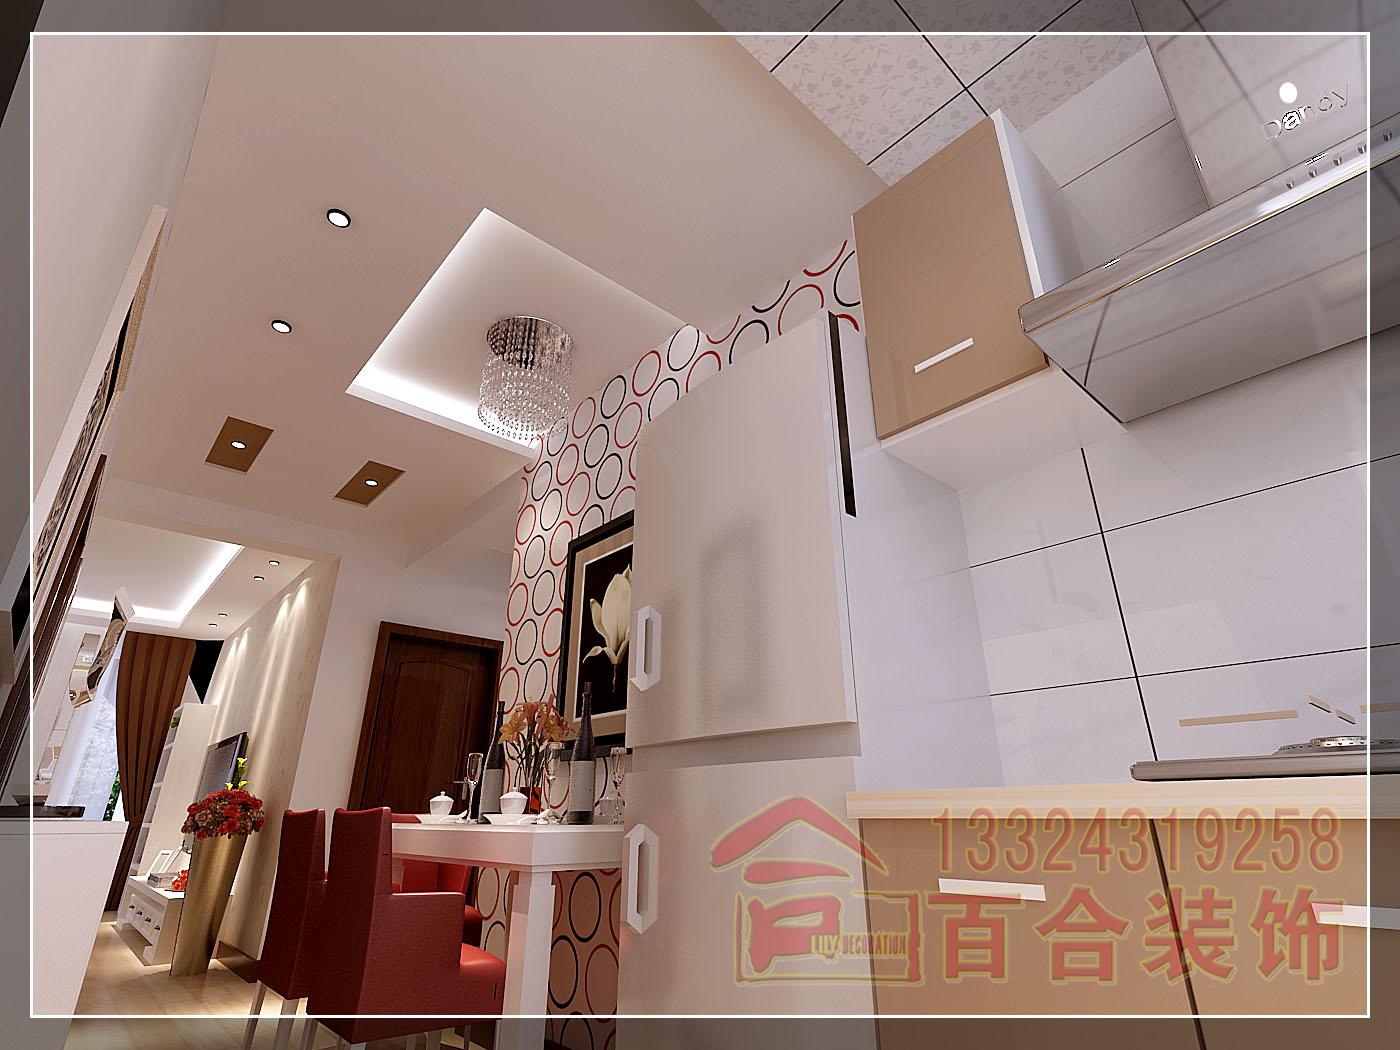 混搭 白领 厨房图片来自吉林百合装饰集团在绿地新里中央公馆的分享